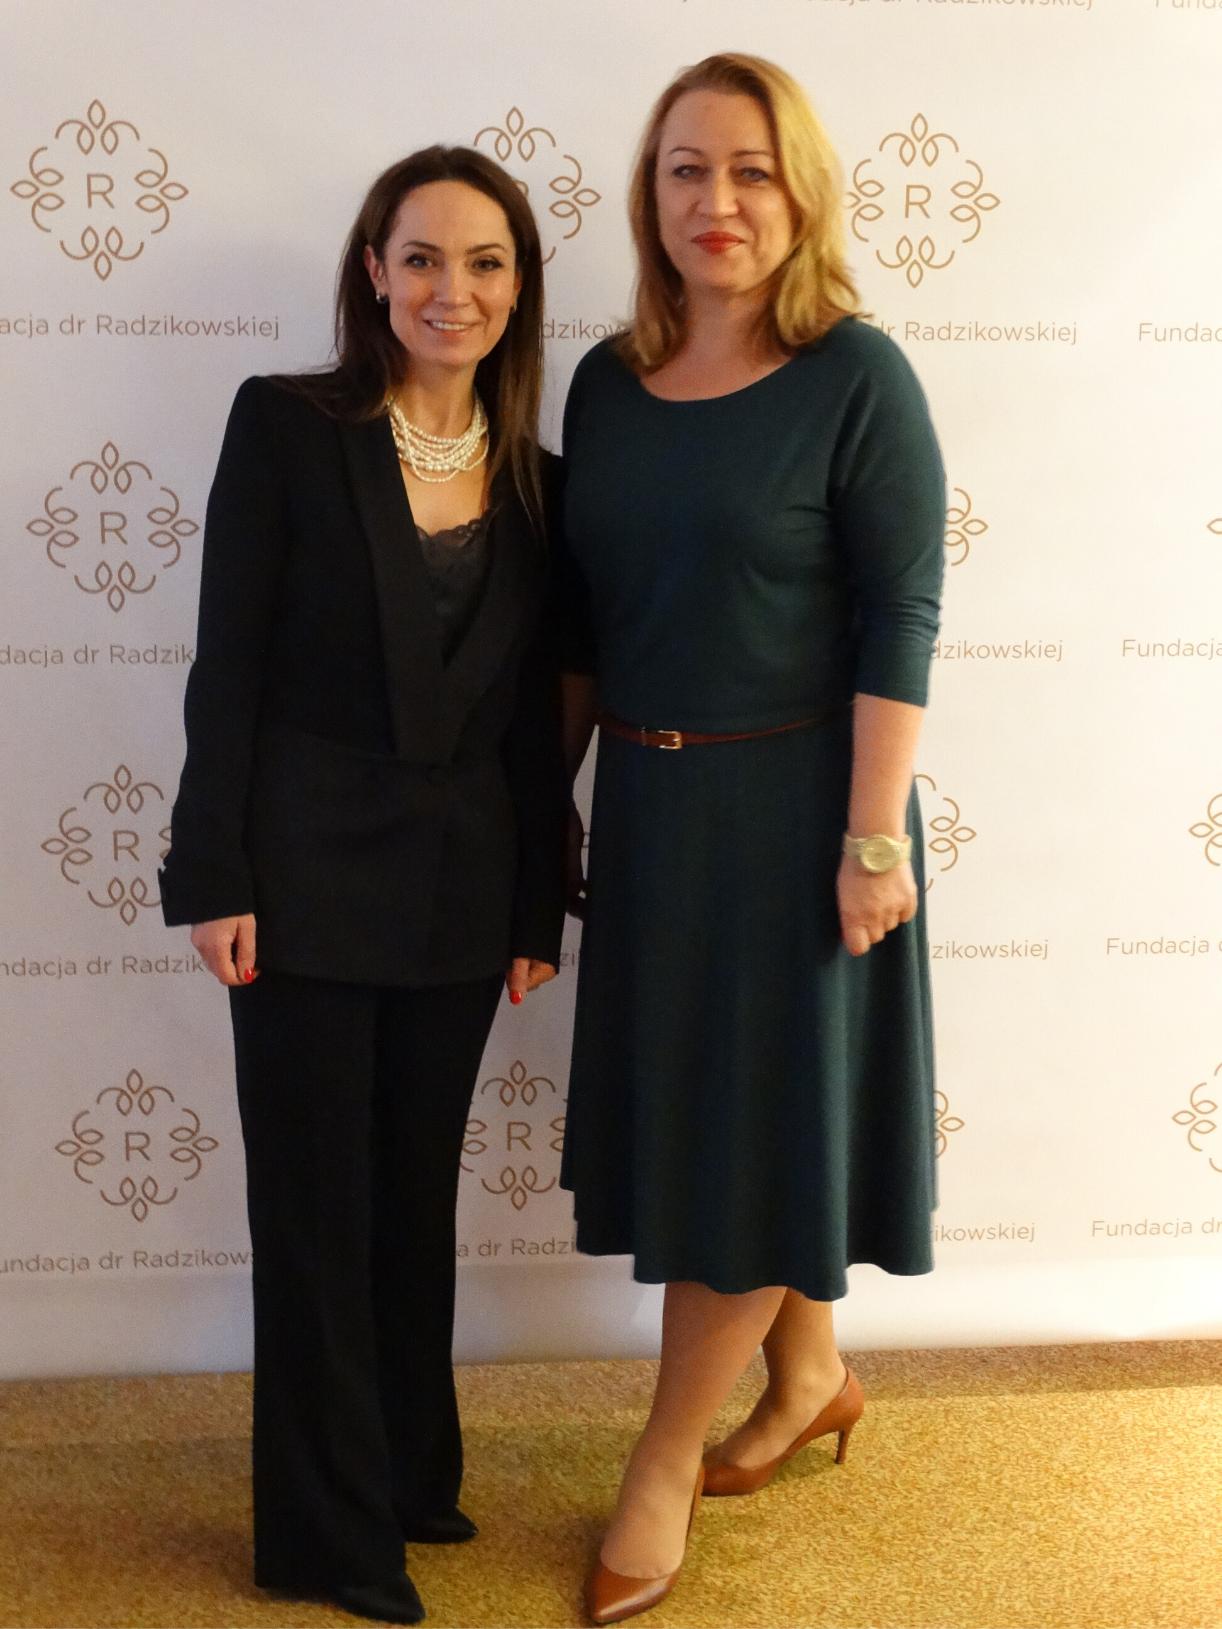 Dr Elżbieta Radzikowska i prezes Izabella Murawska w trakcie otwarcia Fundacji dr Radzikowskiej.